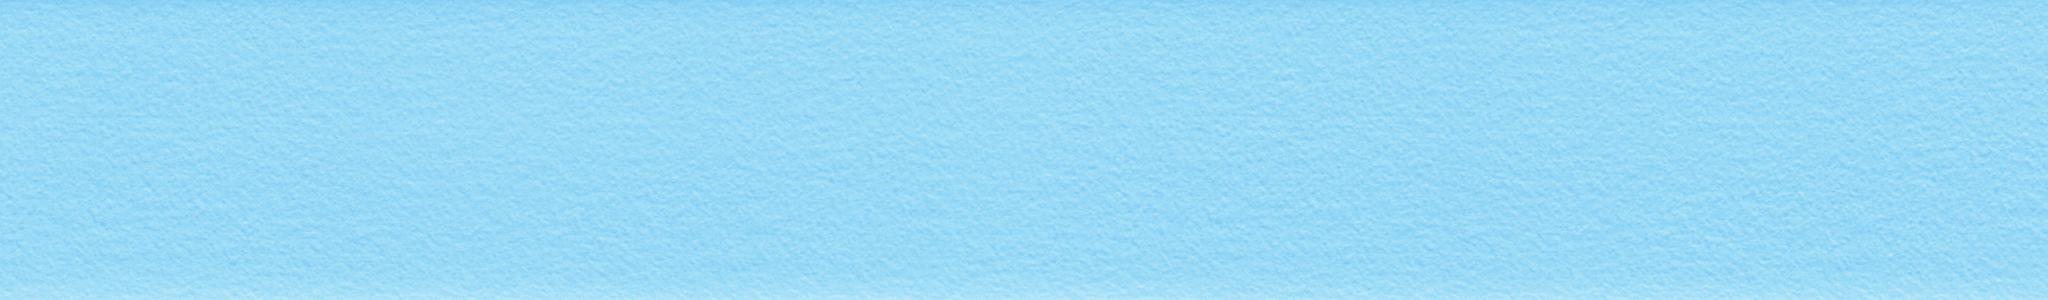 HU 150718 ABS hrana modrá perla jemná 107